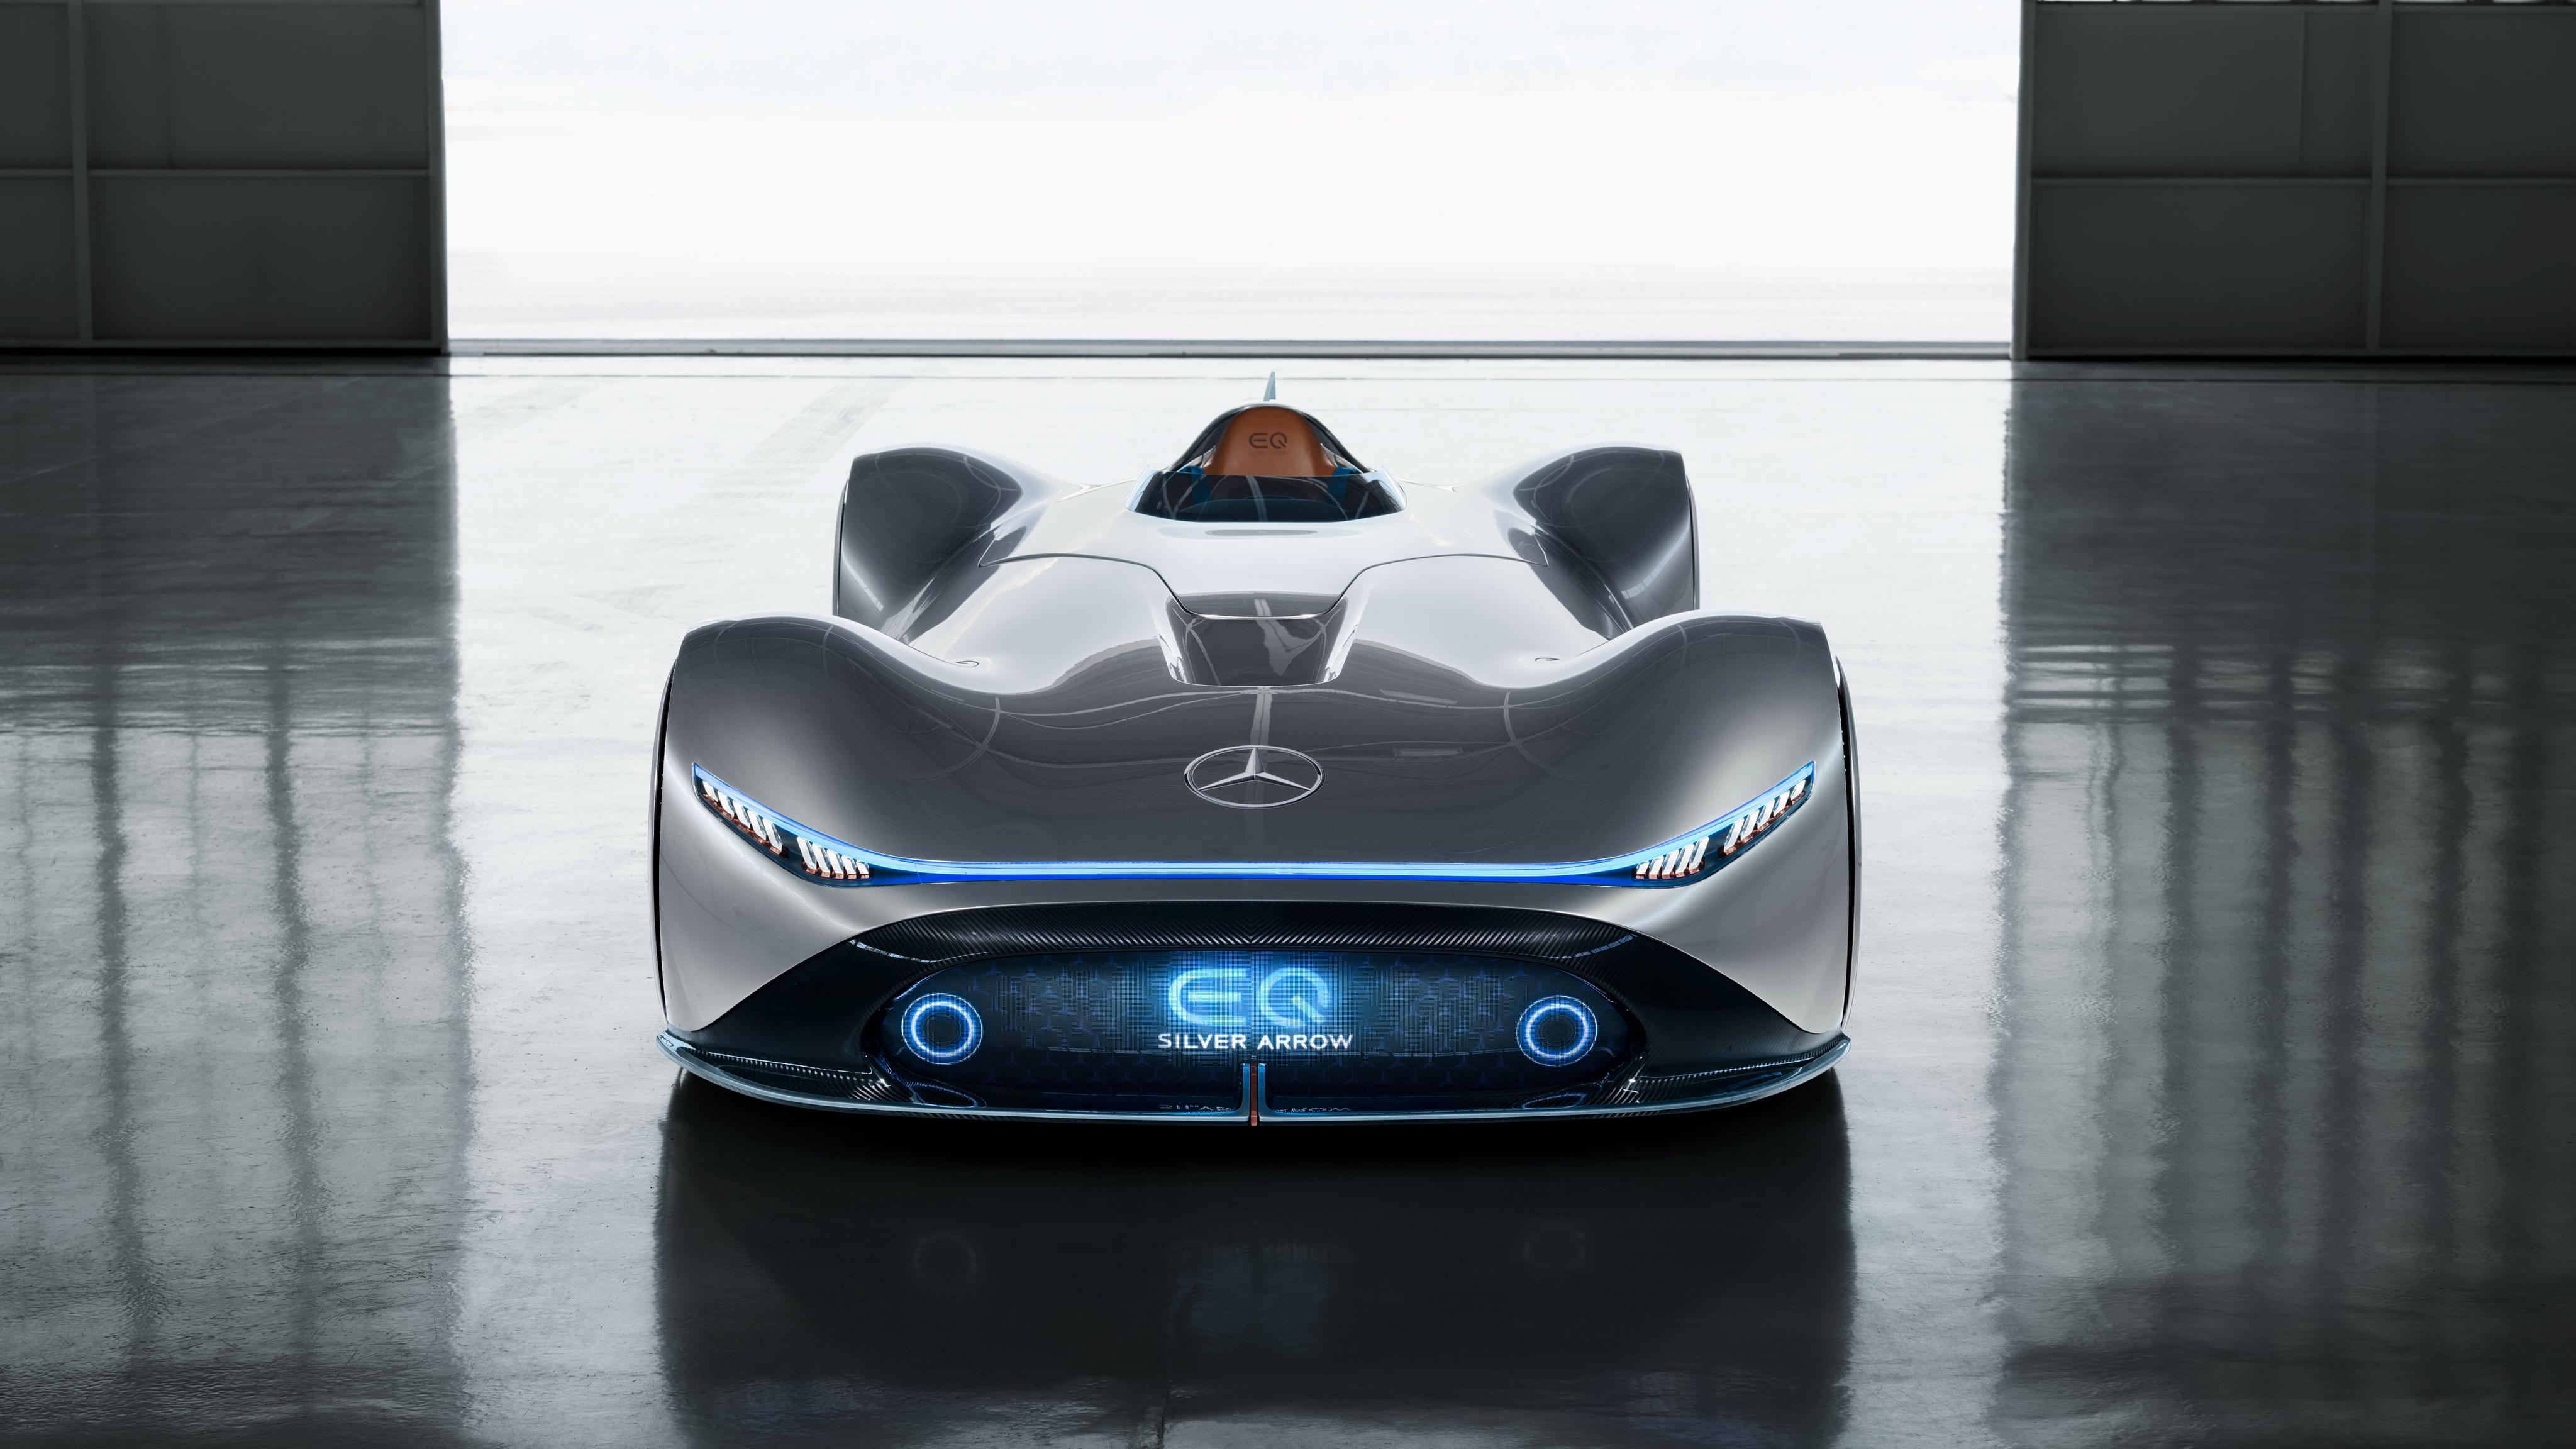 Mercedes benz vision eq silver arrow 4k 11 wallpaper hd for Auto mercedes benz